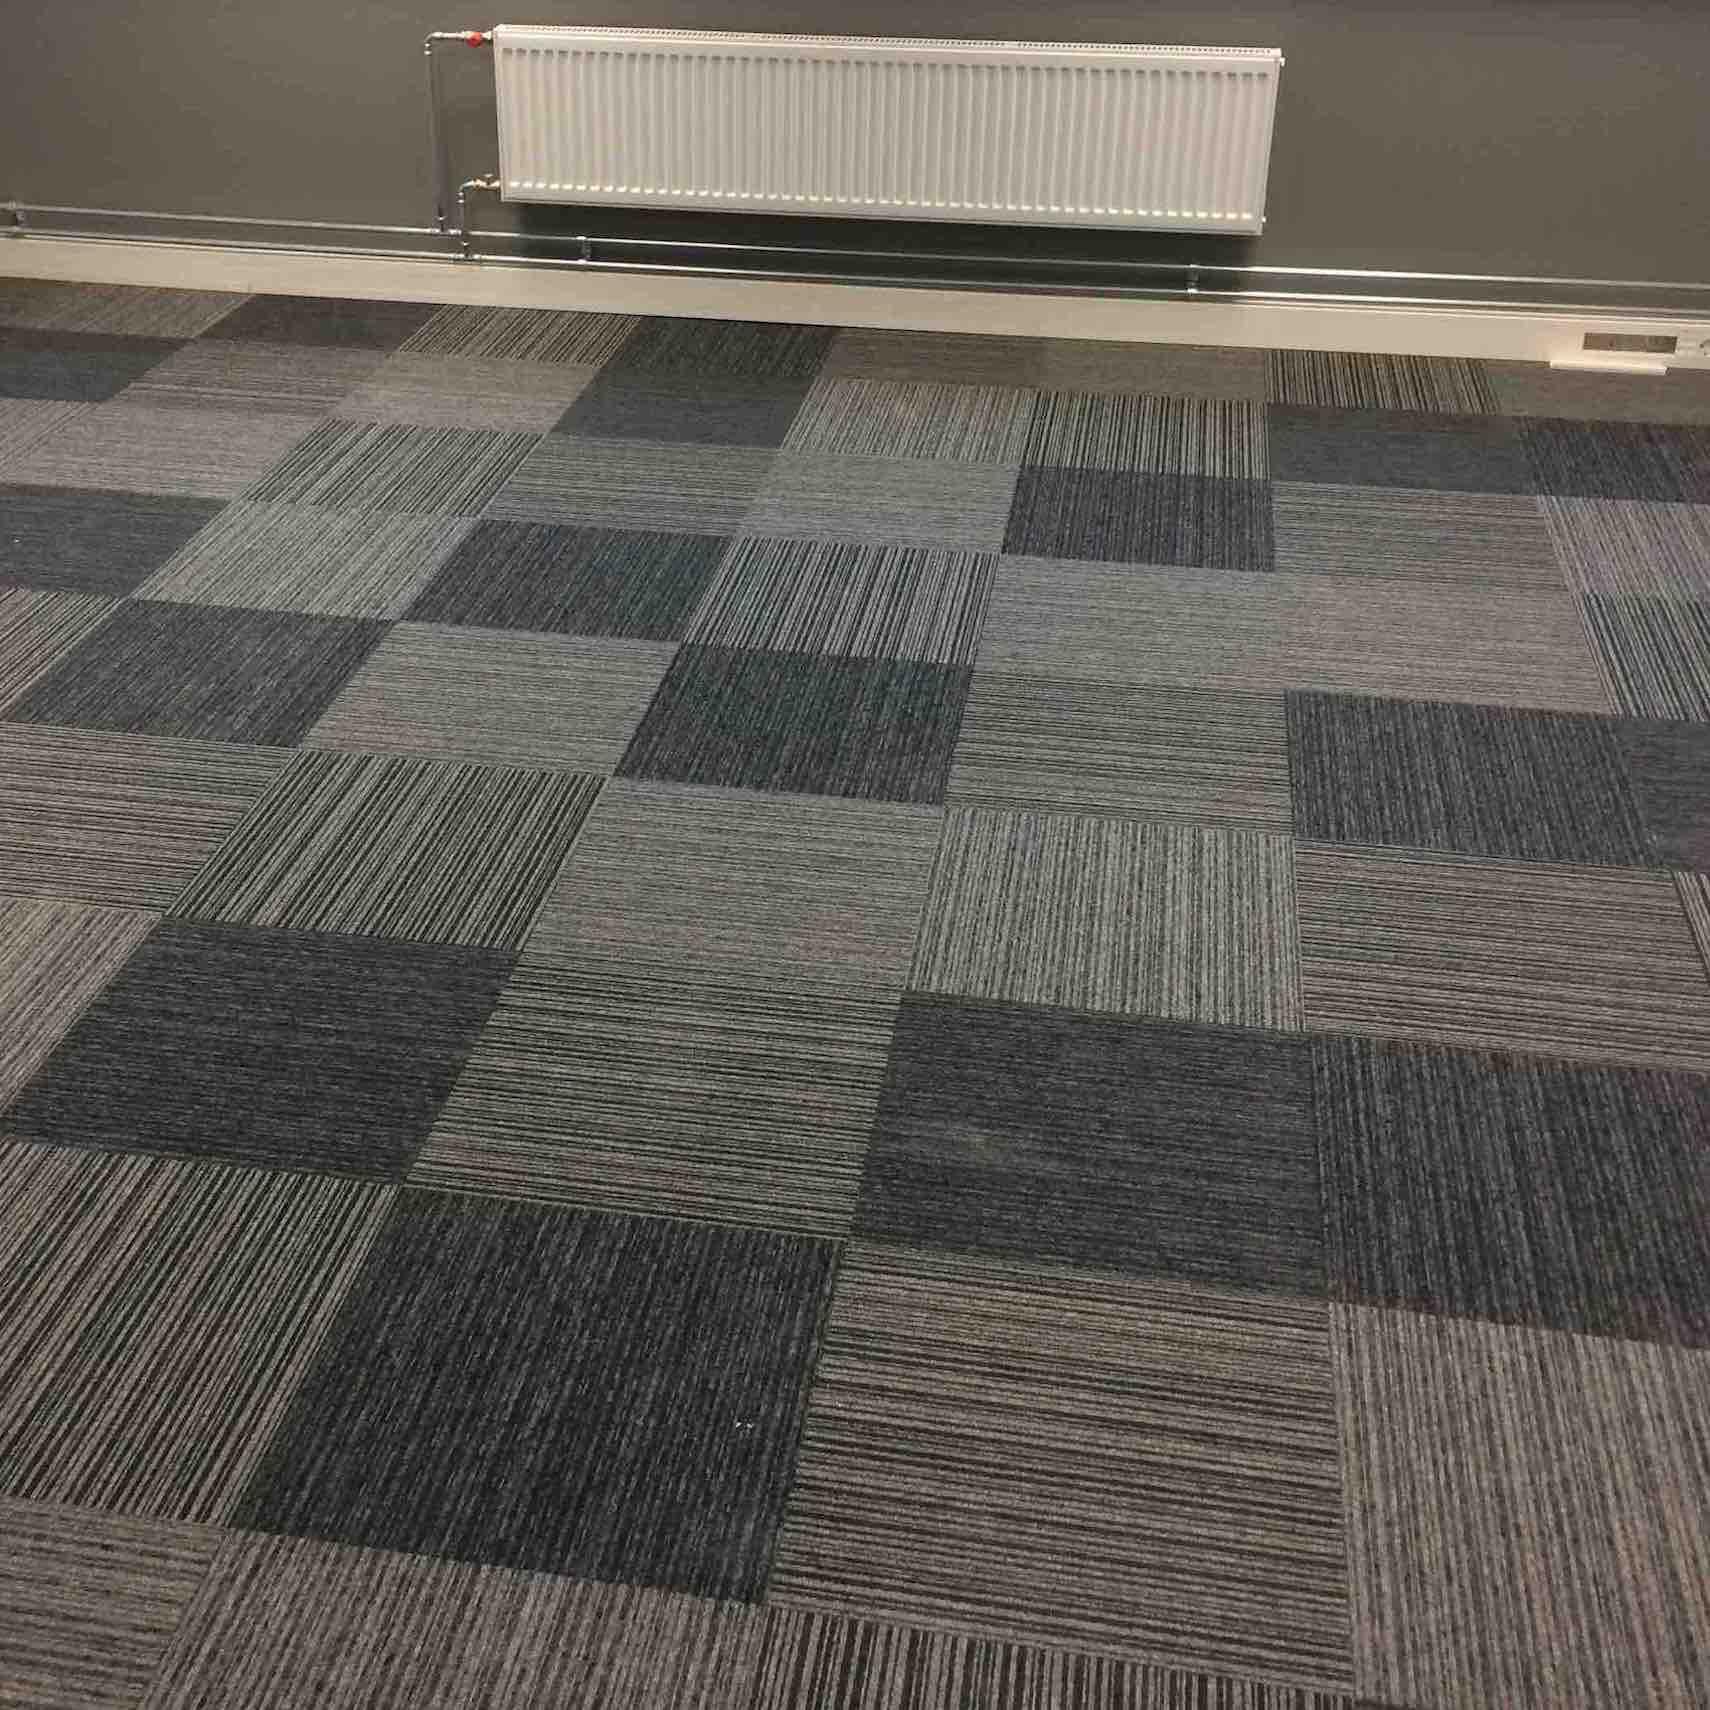 Paragon Carpet Tiles | Office Building, Estonia | Commercial Carpets